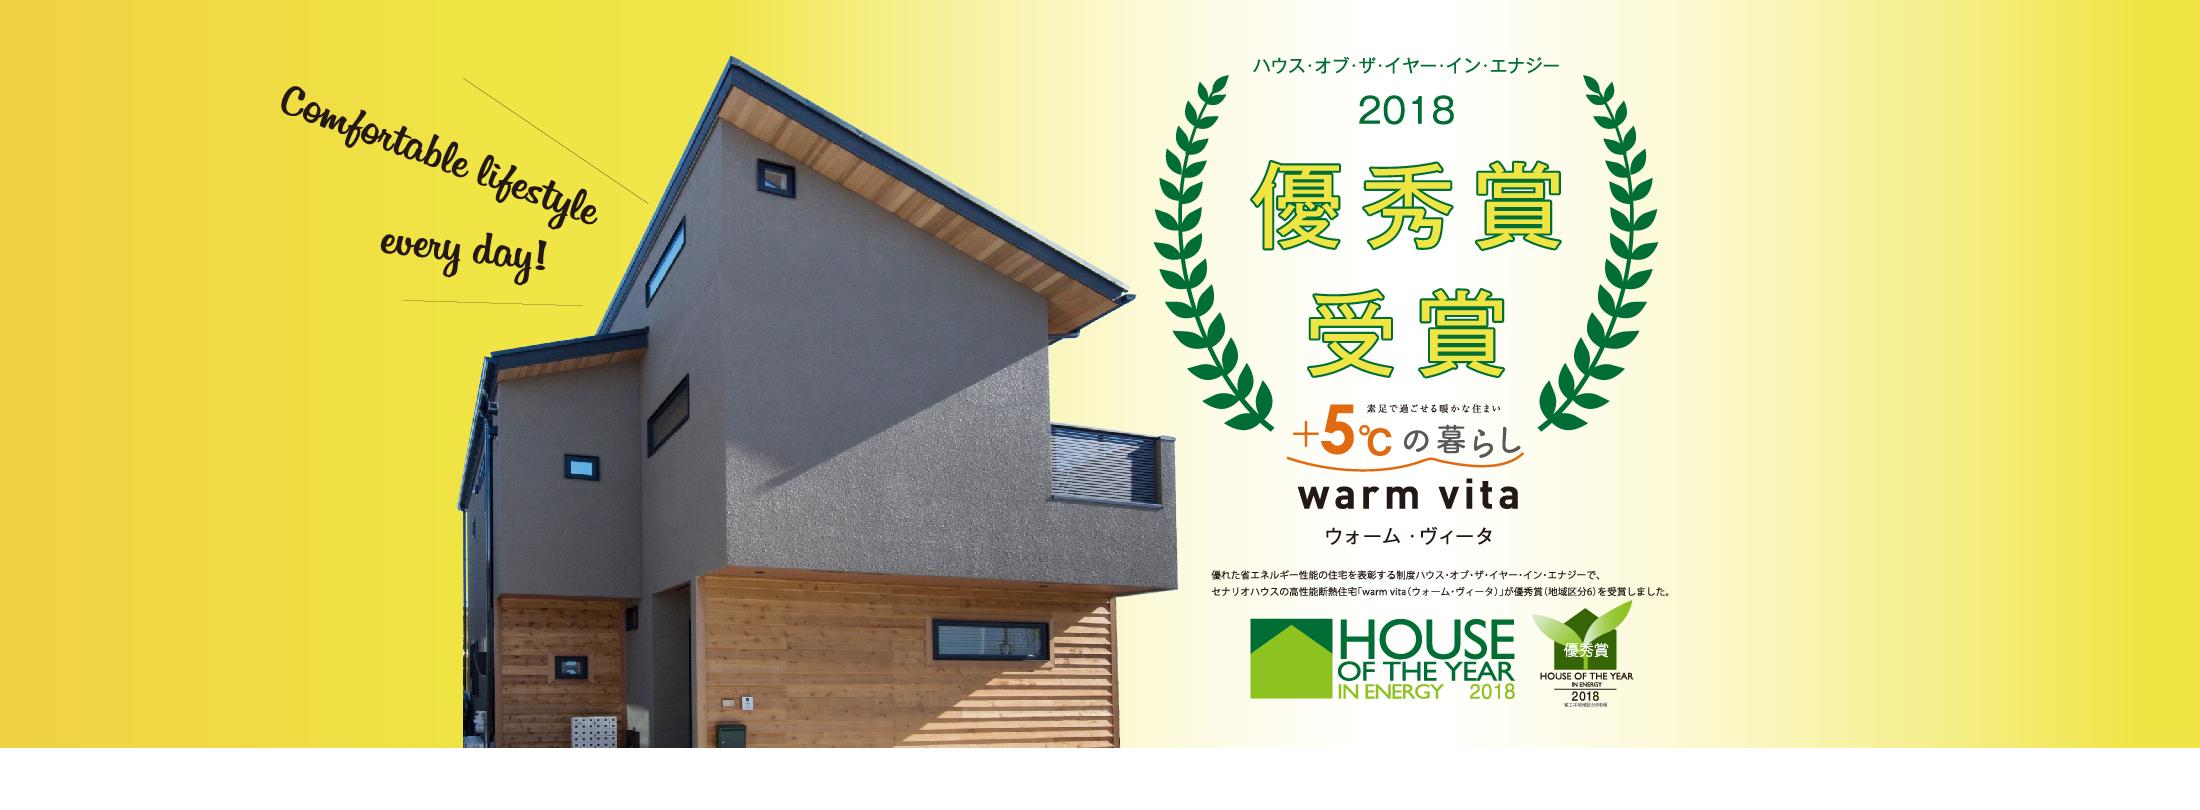 ハウス・オブ・ザ・イヤー・イン・エナジー2018優秀賞受賞 +5℃の暮らしwarm vita